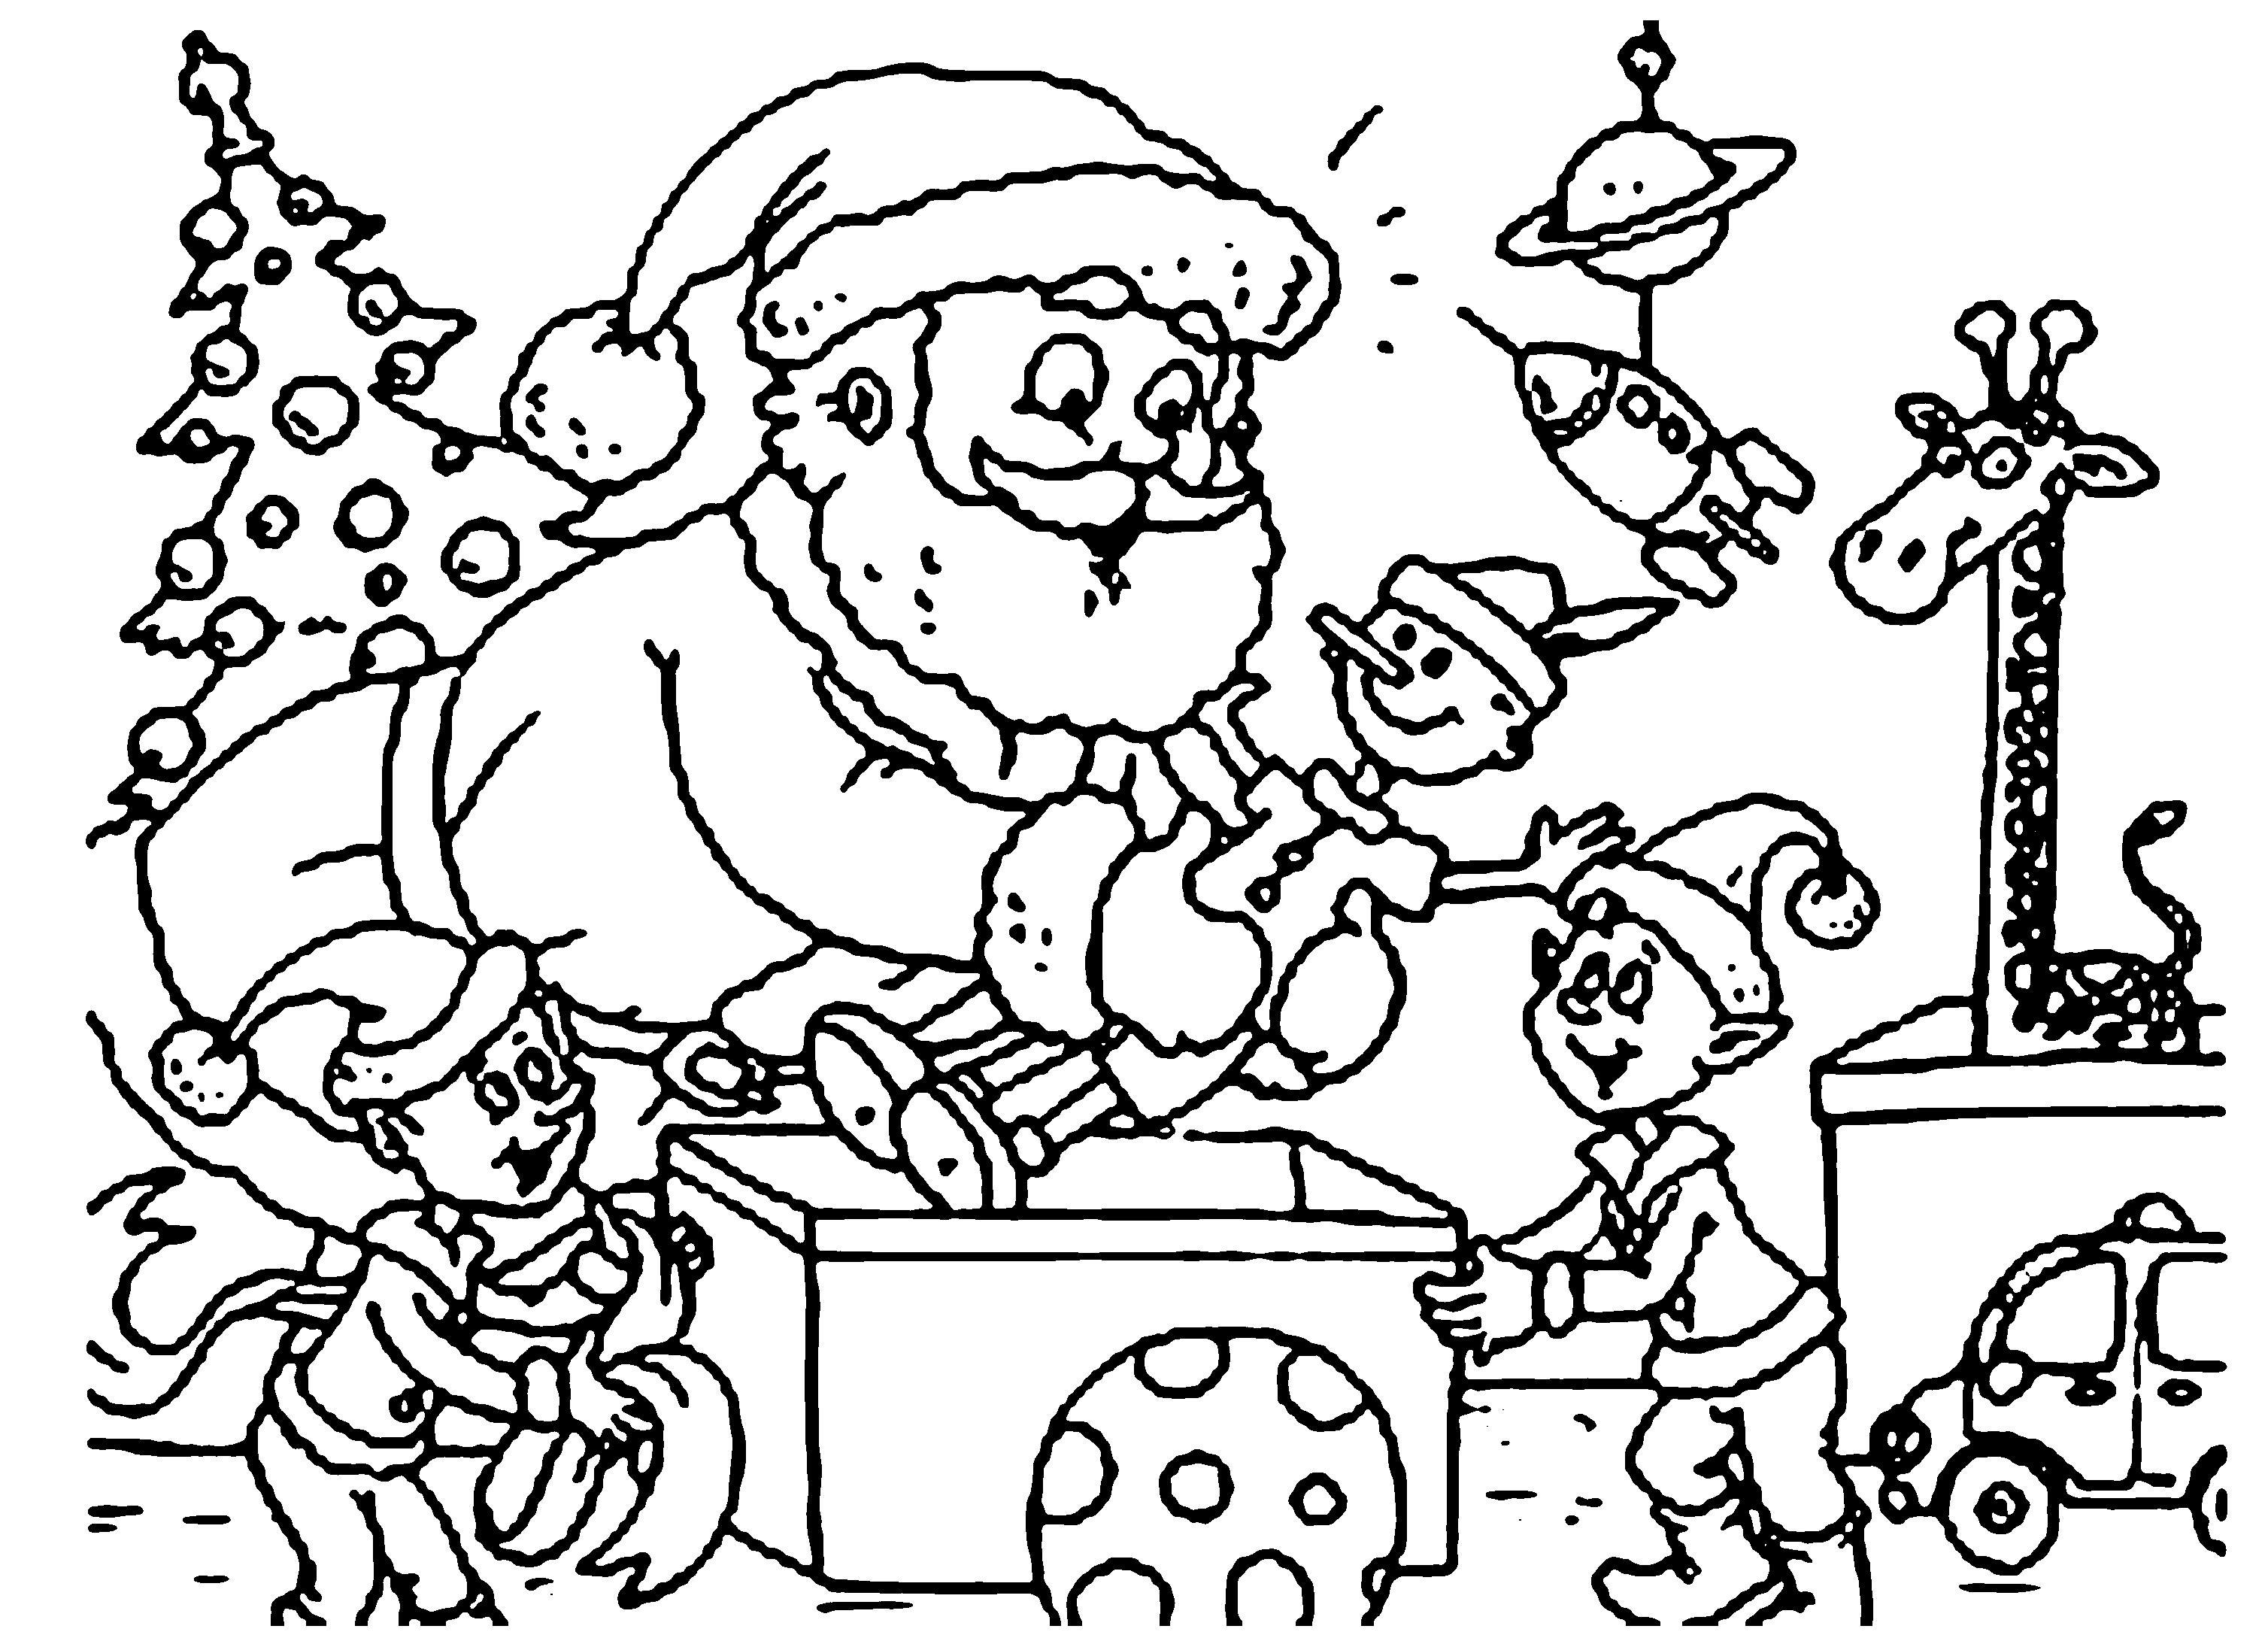 Санта клаус и эльф делают подарки игрушки к новому году Детские раскраски зима распечатать